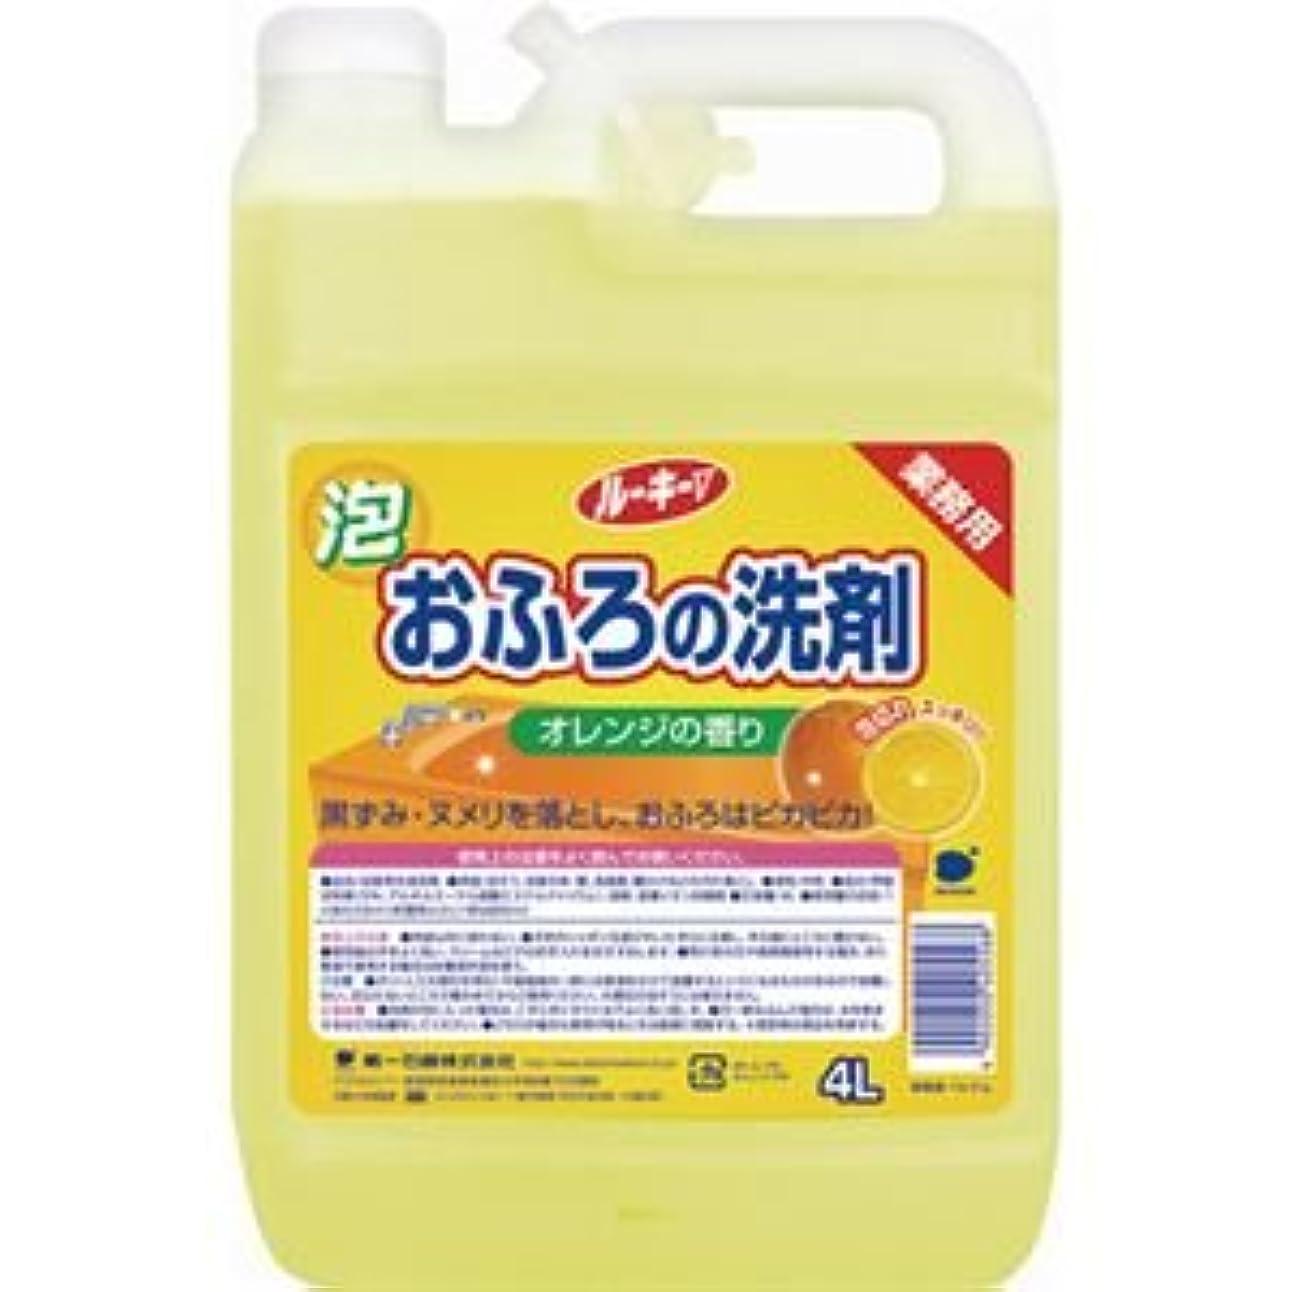 退却侵入ファッション(まとめ) 第一石鹸 ルーキーV おふろ洗剤 業務用 4L 1本 【×5セット】